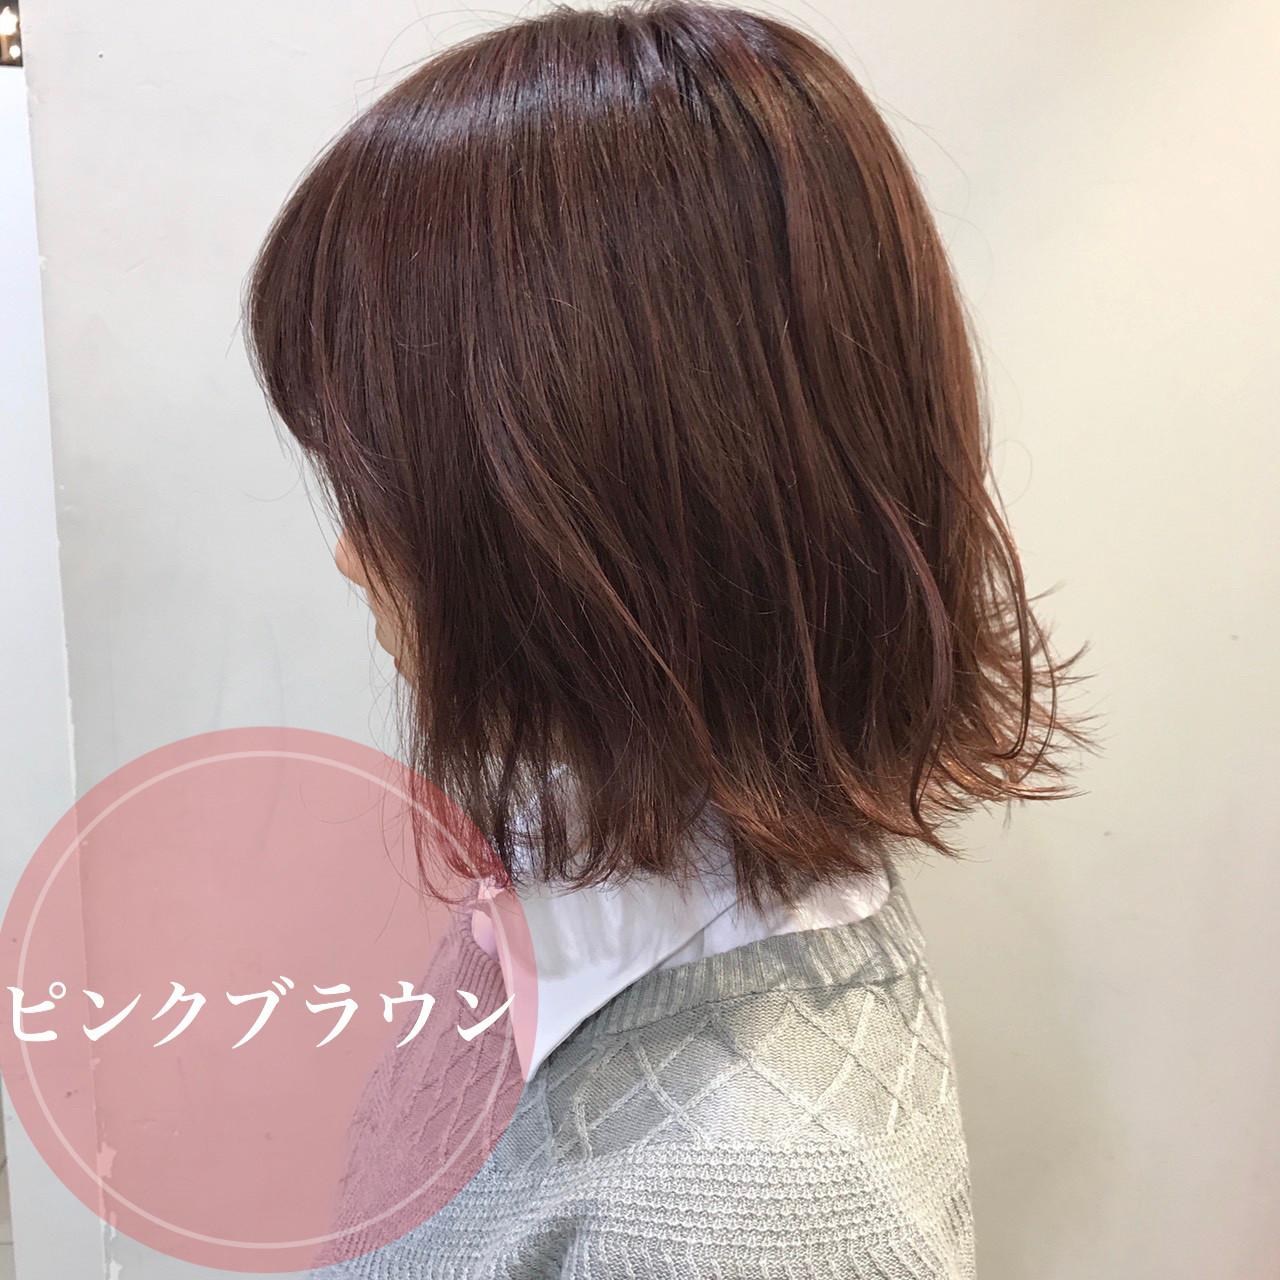 ミニボブ ピンクベージュ ピンクブラウン 切りっぱなしボブ ヘアスタイルや髪型の写真・画像